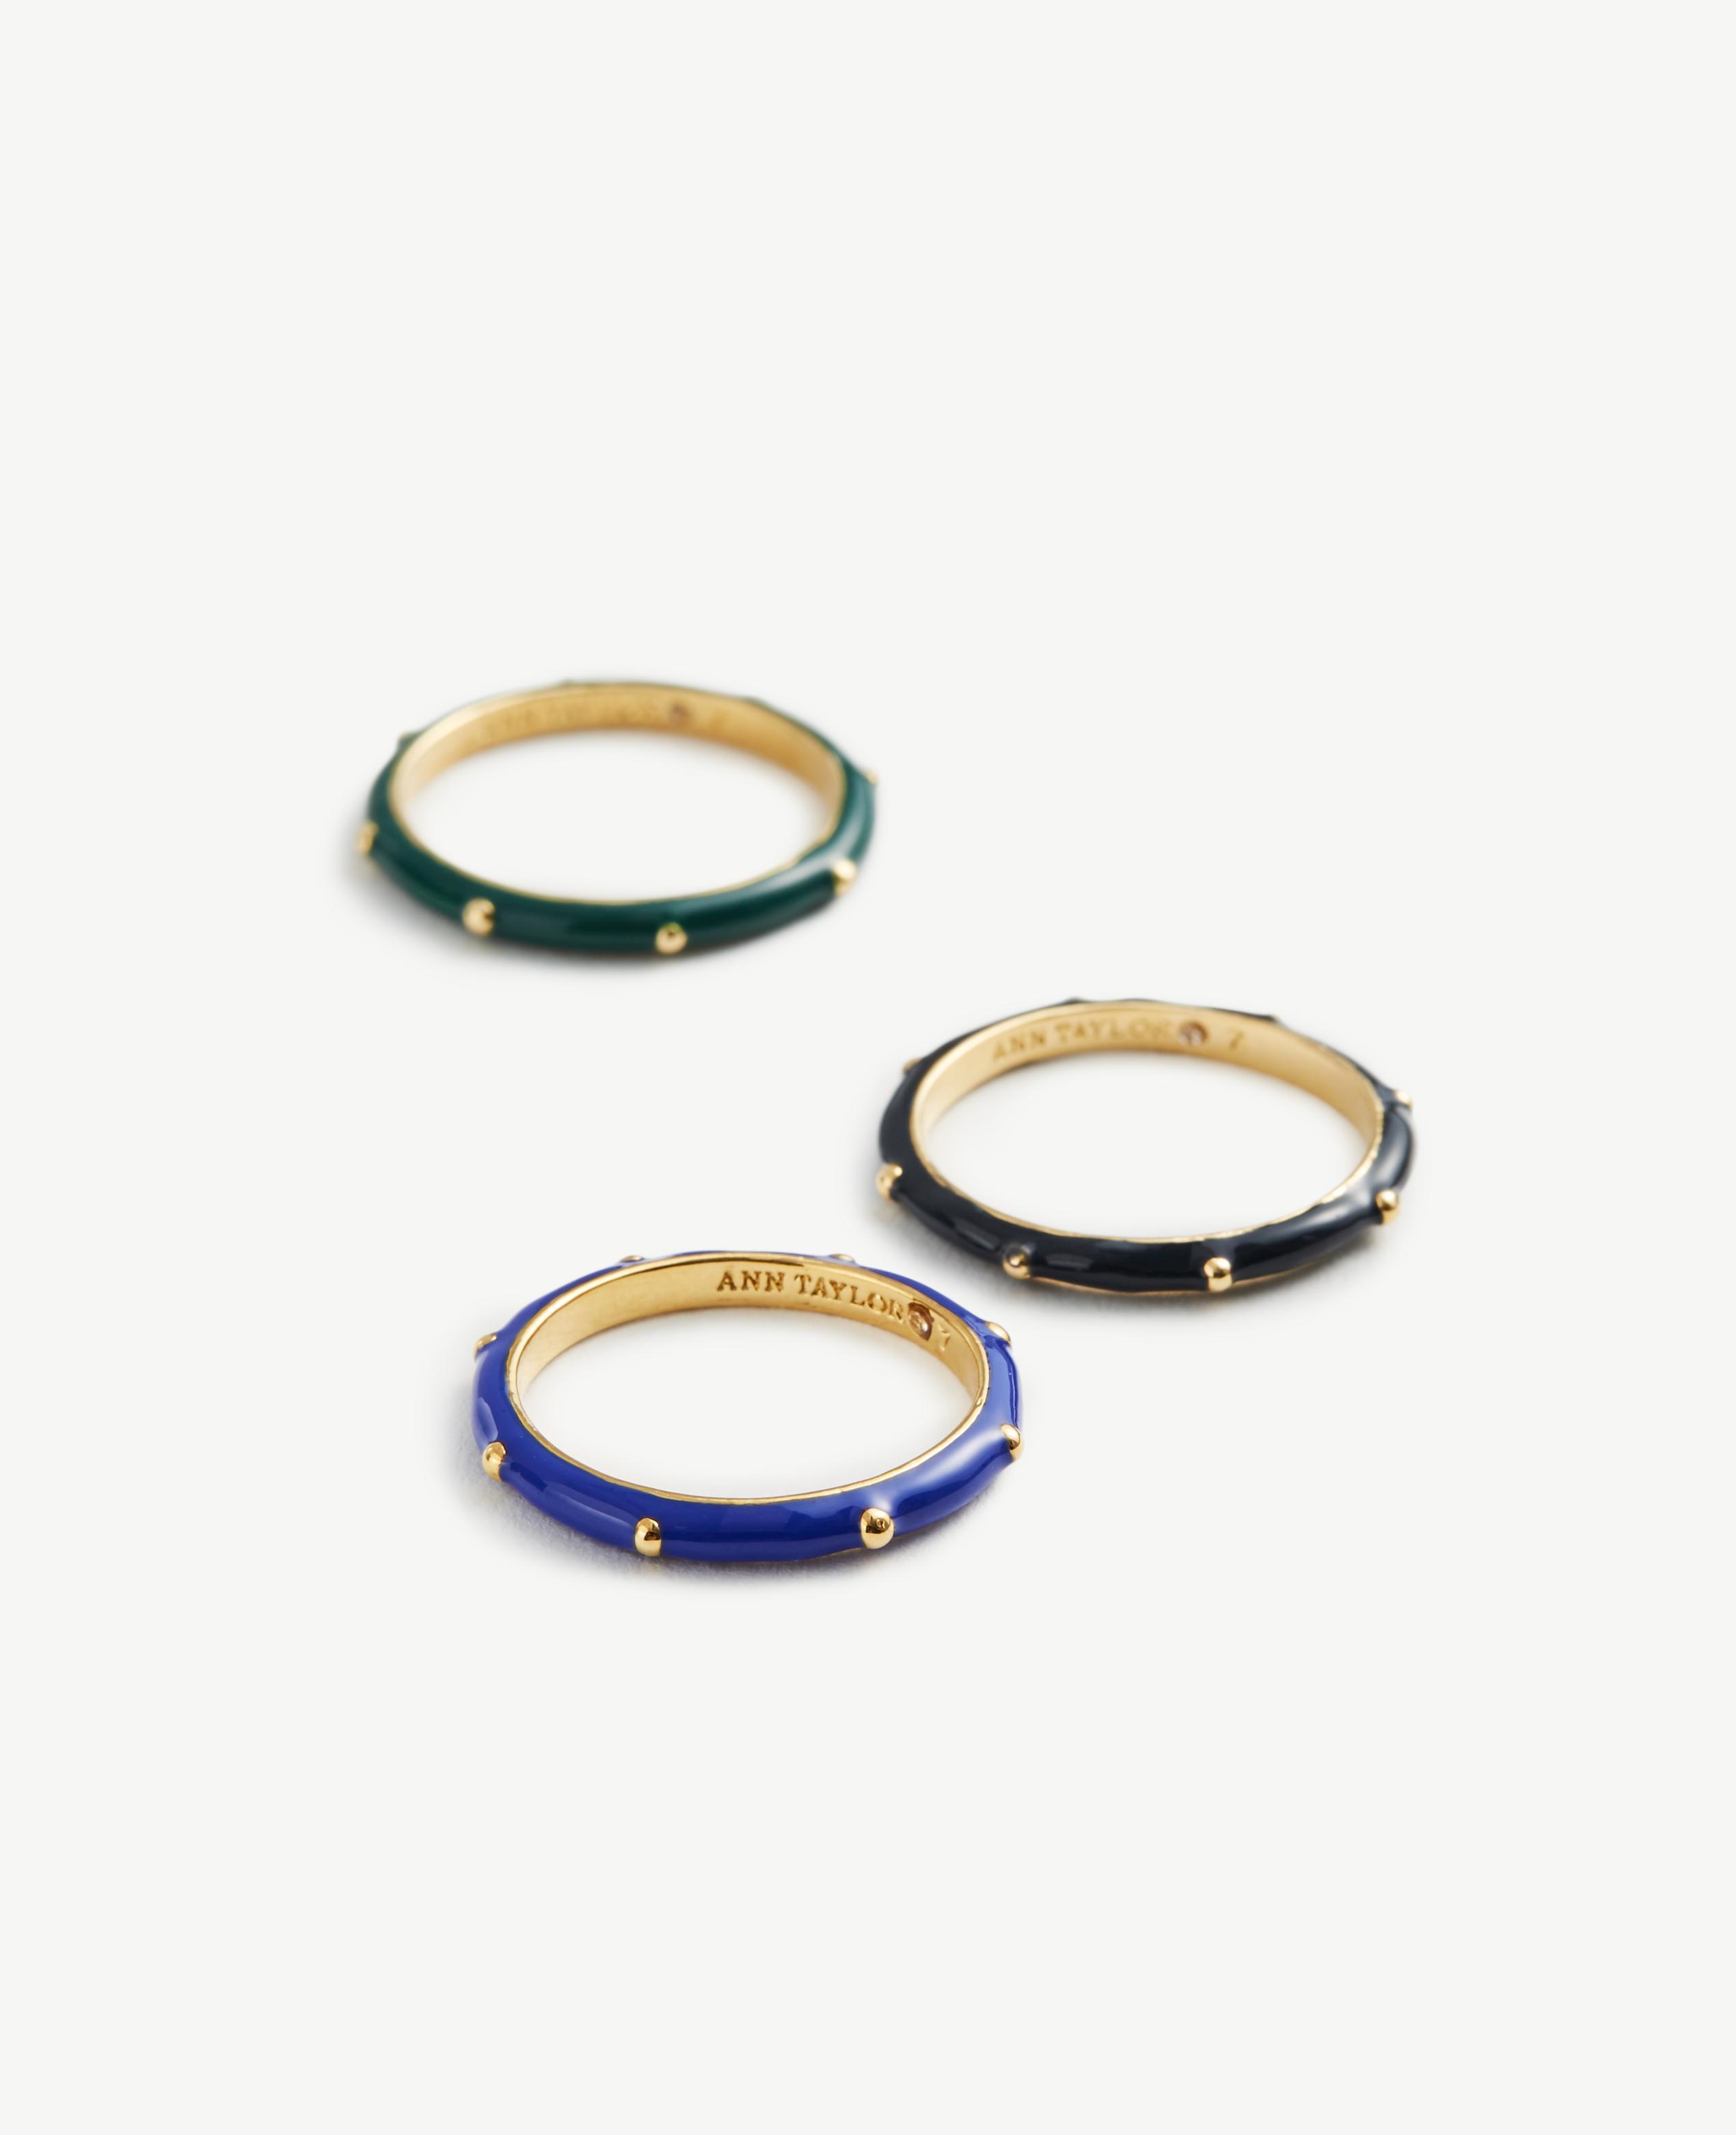 Ann Taylor Enamel Stackable Rings in Blue